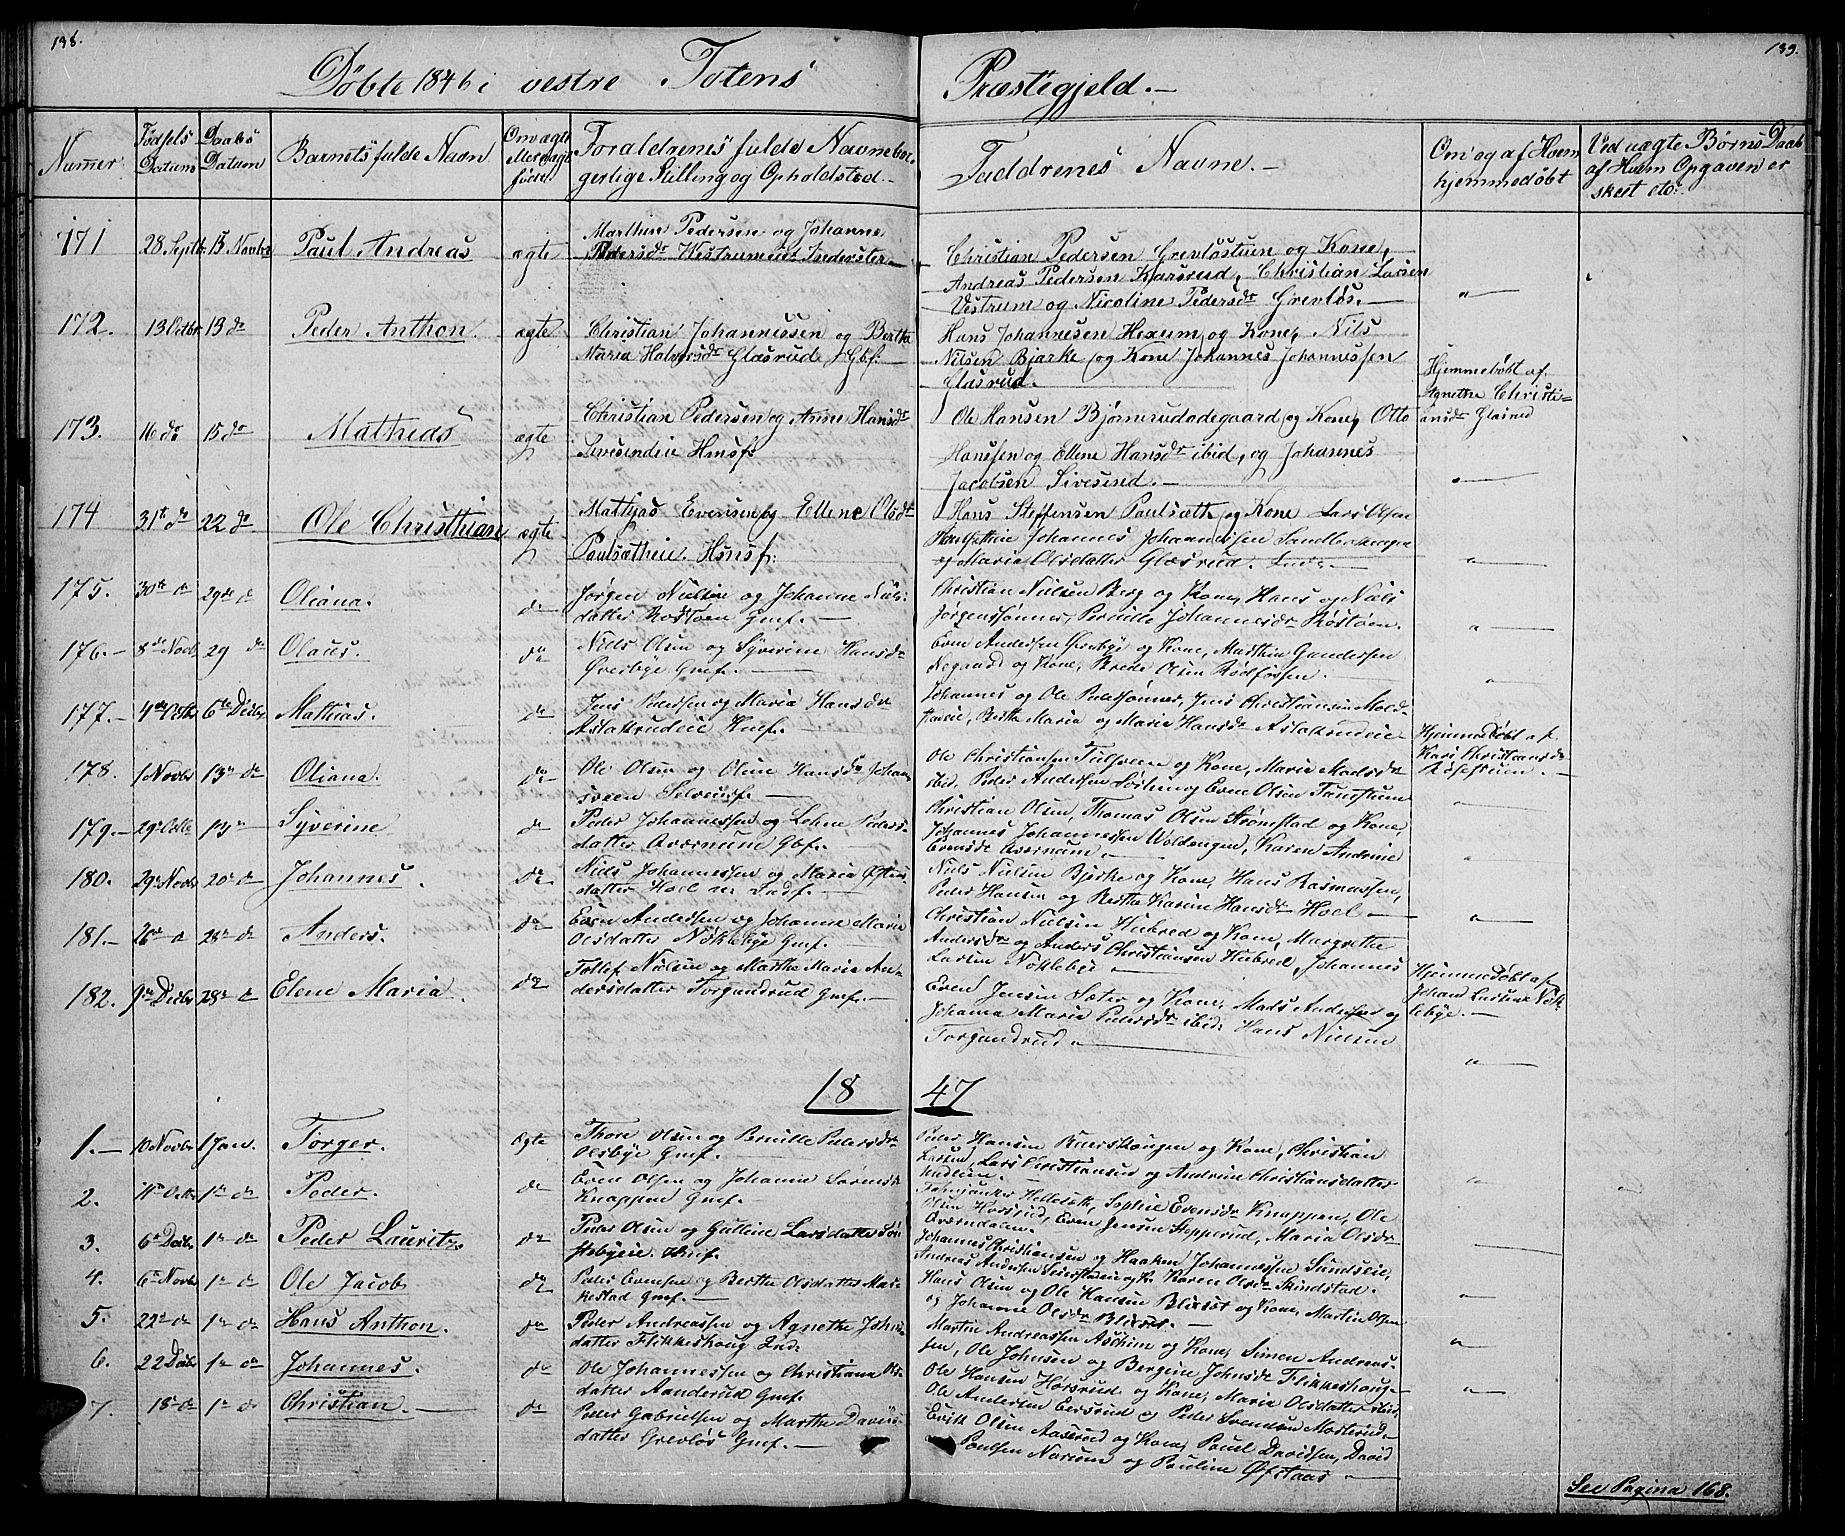 SAH, Vestre Toten prestekontor, Klokkerbok nr. 2, 1836-1848, s. 138-139